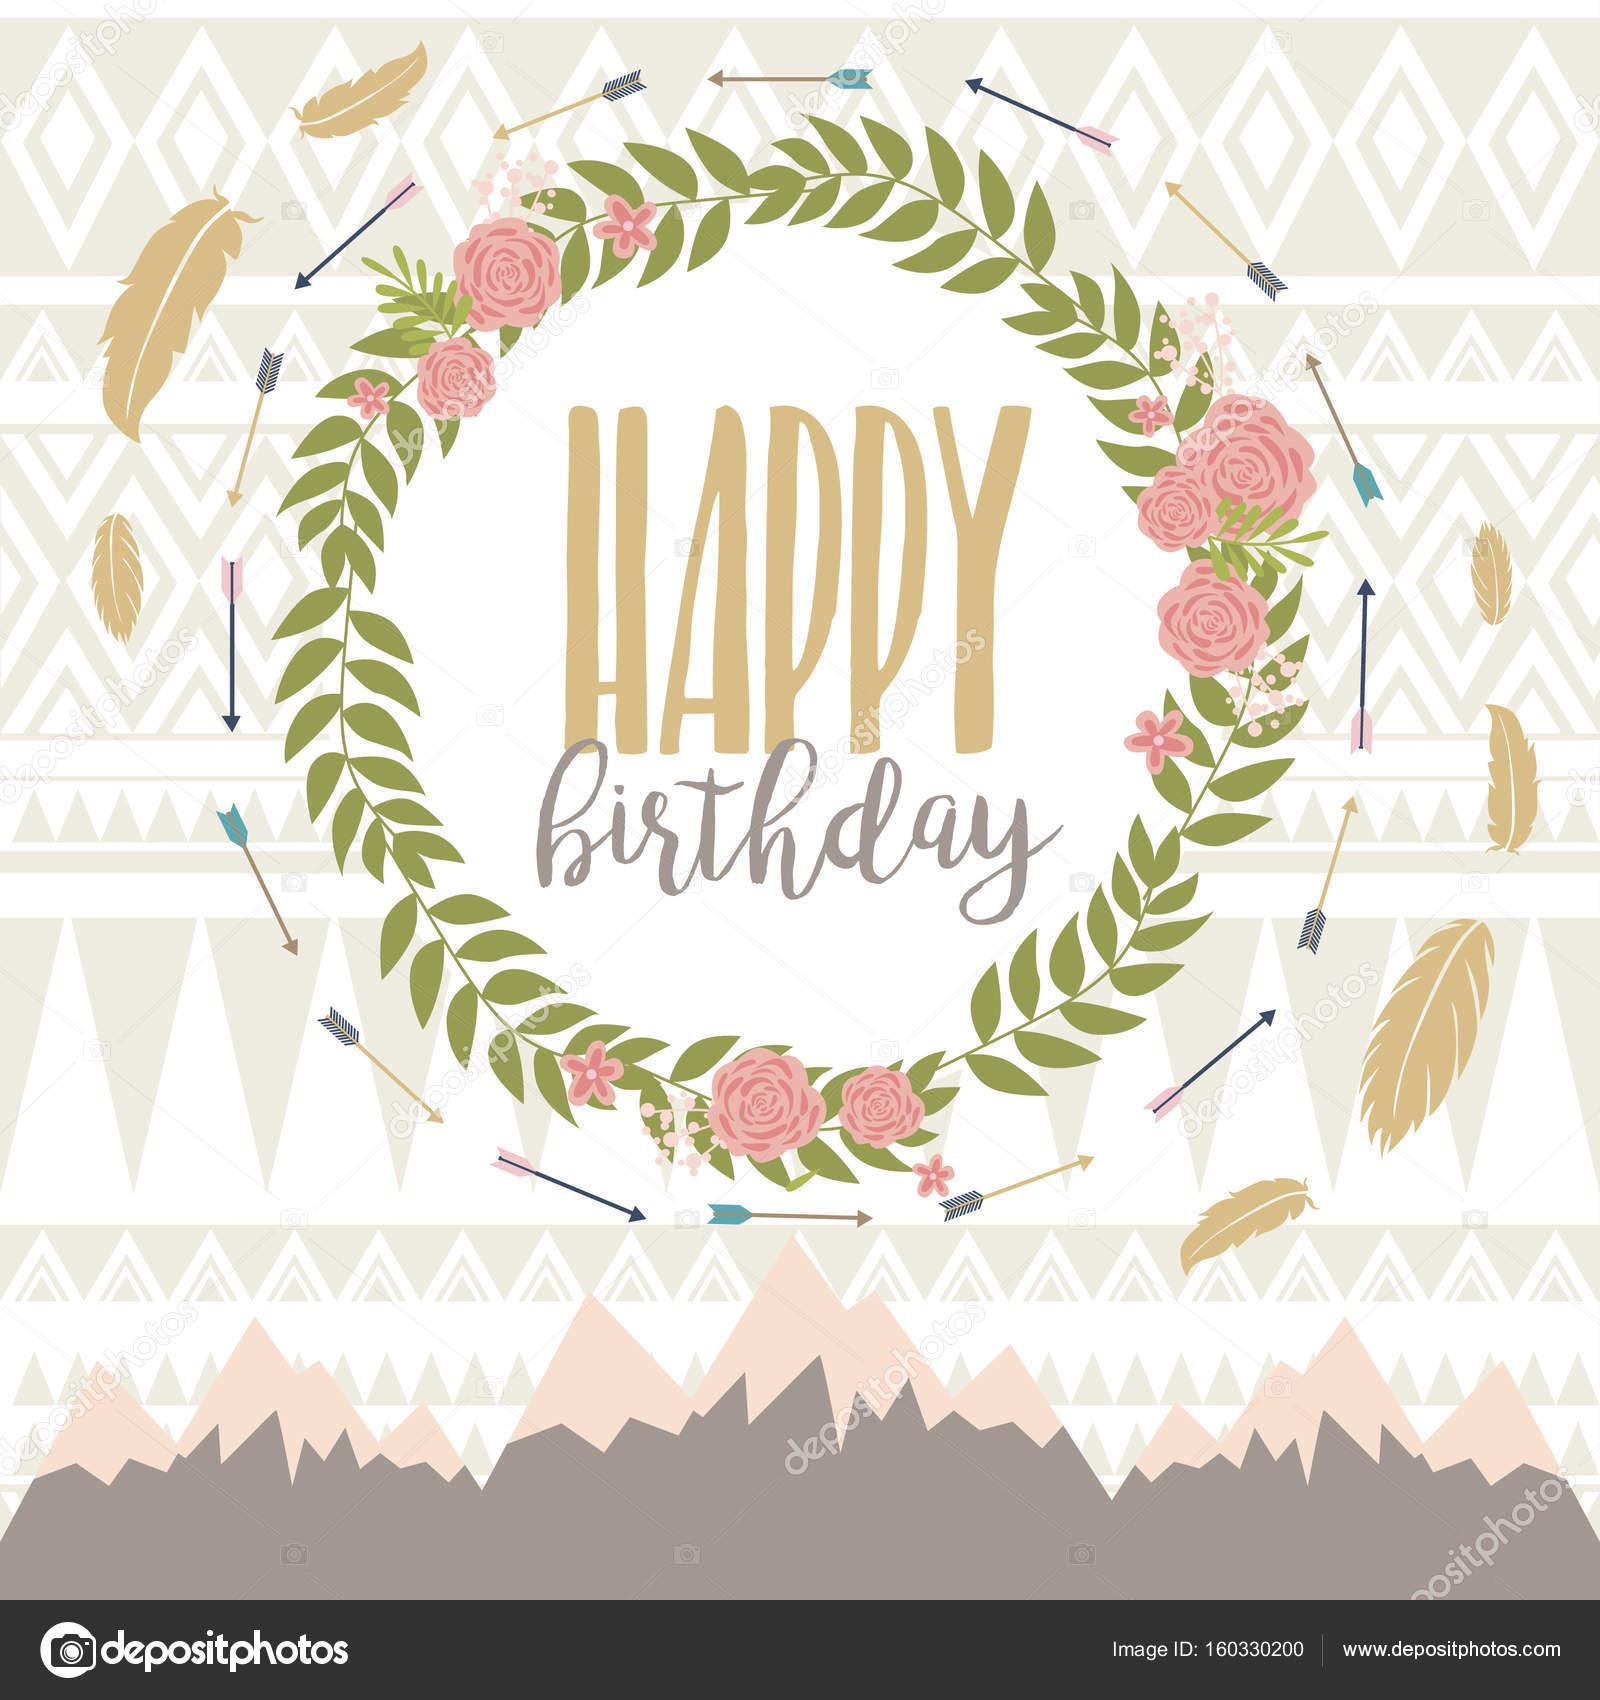 modèle de carte de joyeux anniversaire — Image vectorielle Vissay © #160330200